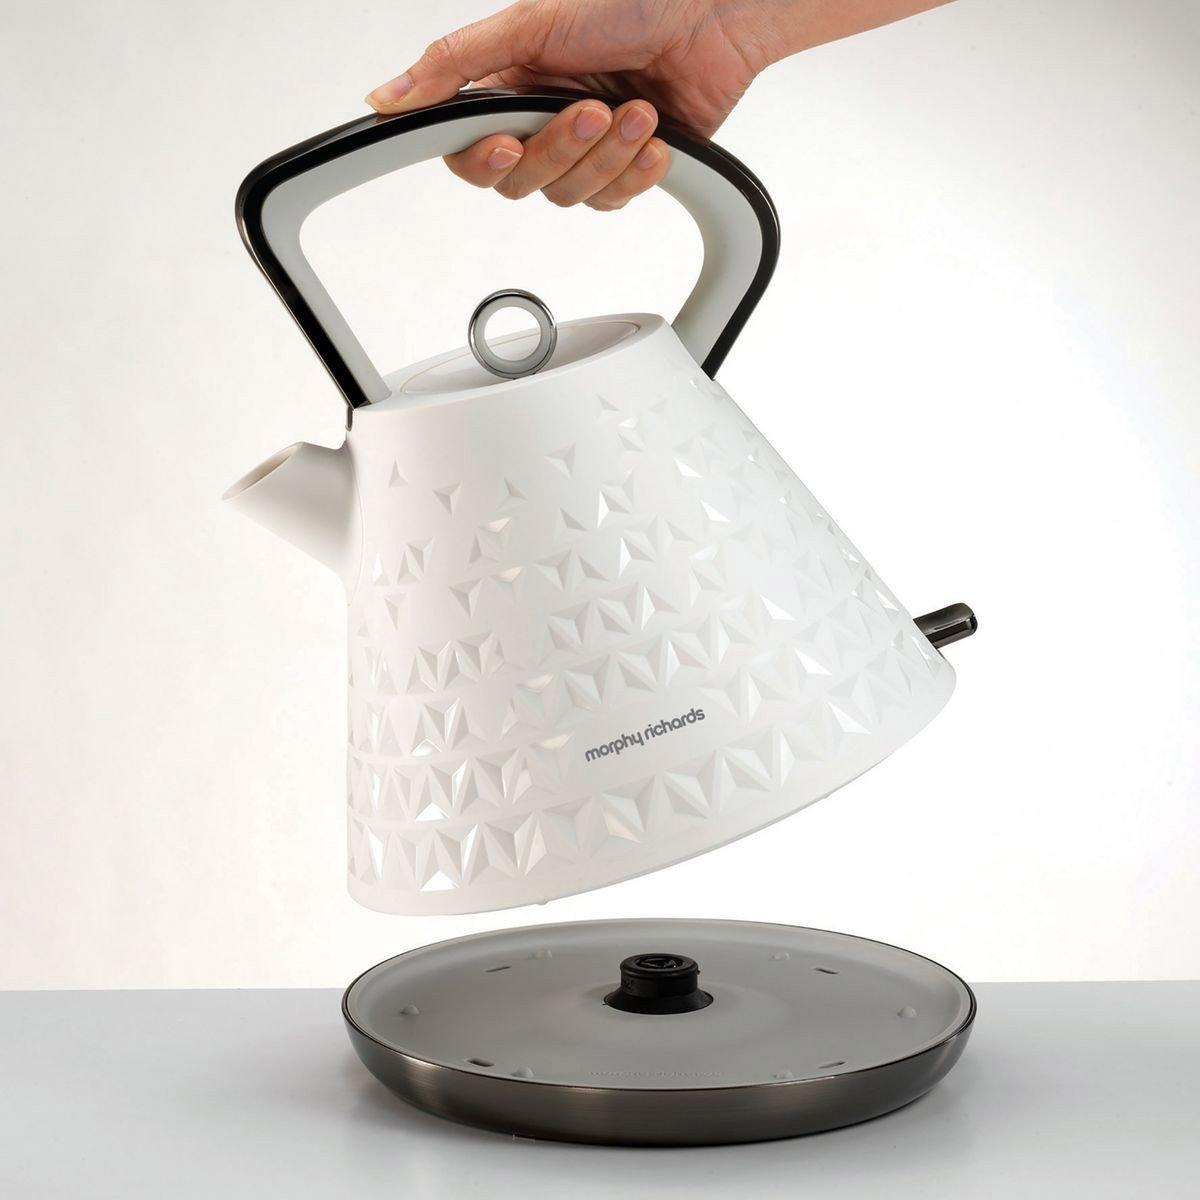 bouilloire électrique design